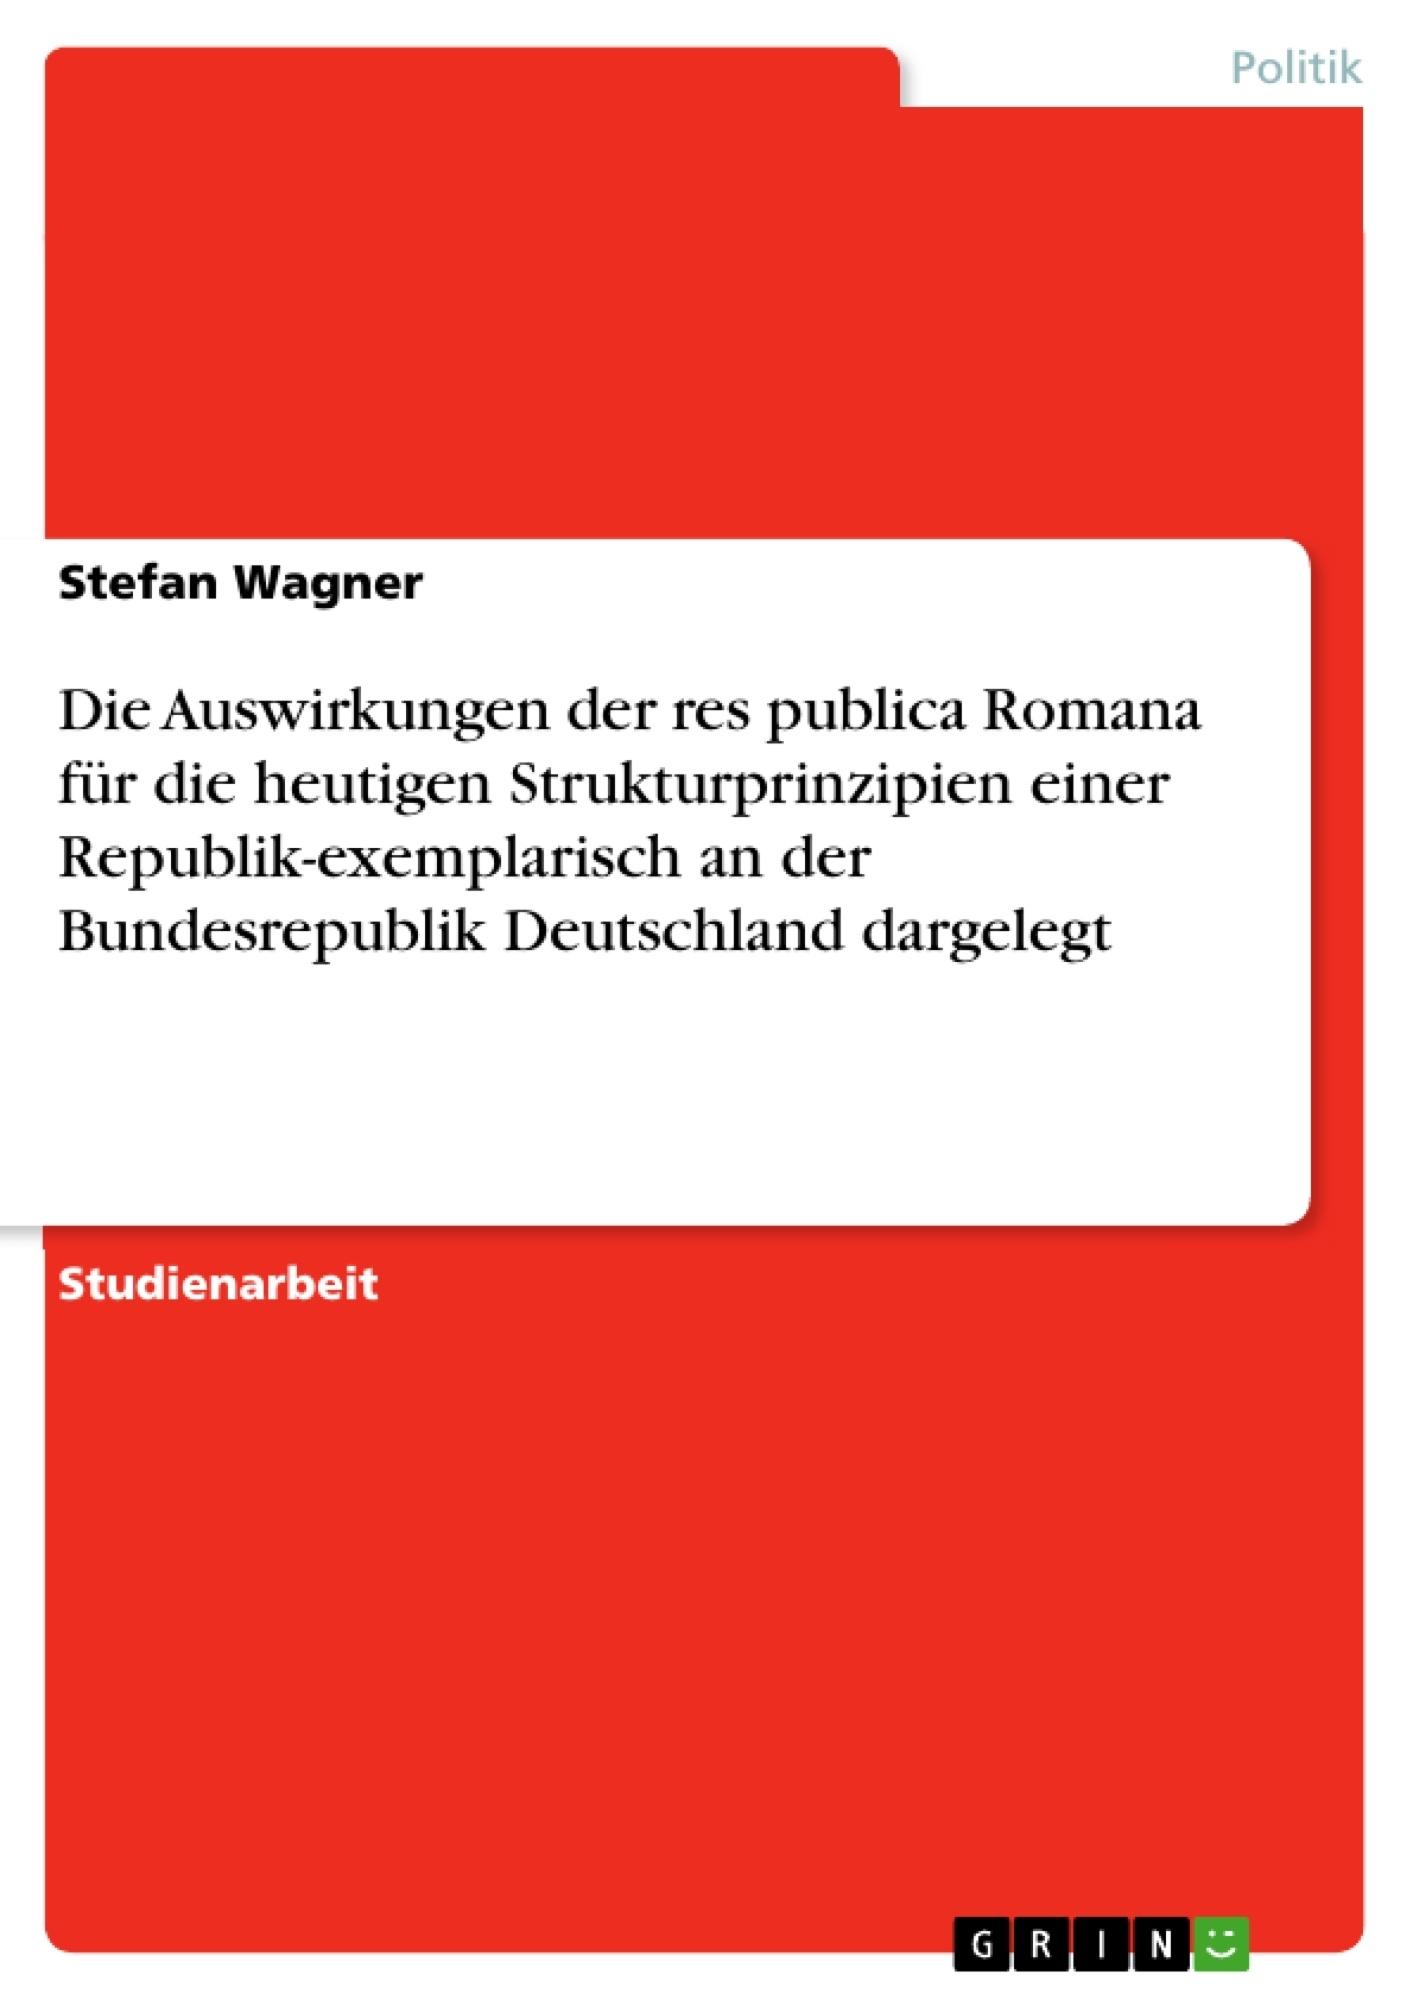 Titel: Die Auswirkungen der res publica Romana für die heutigen Strukturprinzipien einer Republik-exemplarisch an der Bundesrepublik Deutschland dargelegt